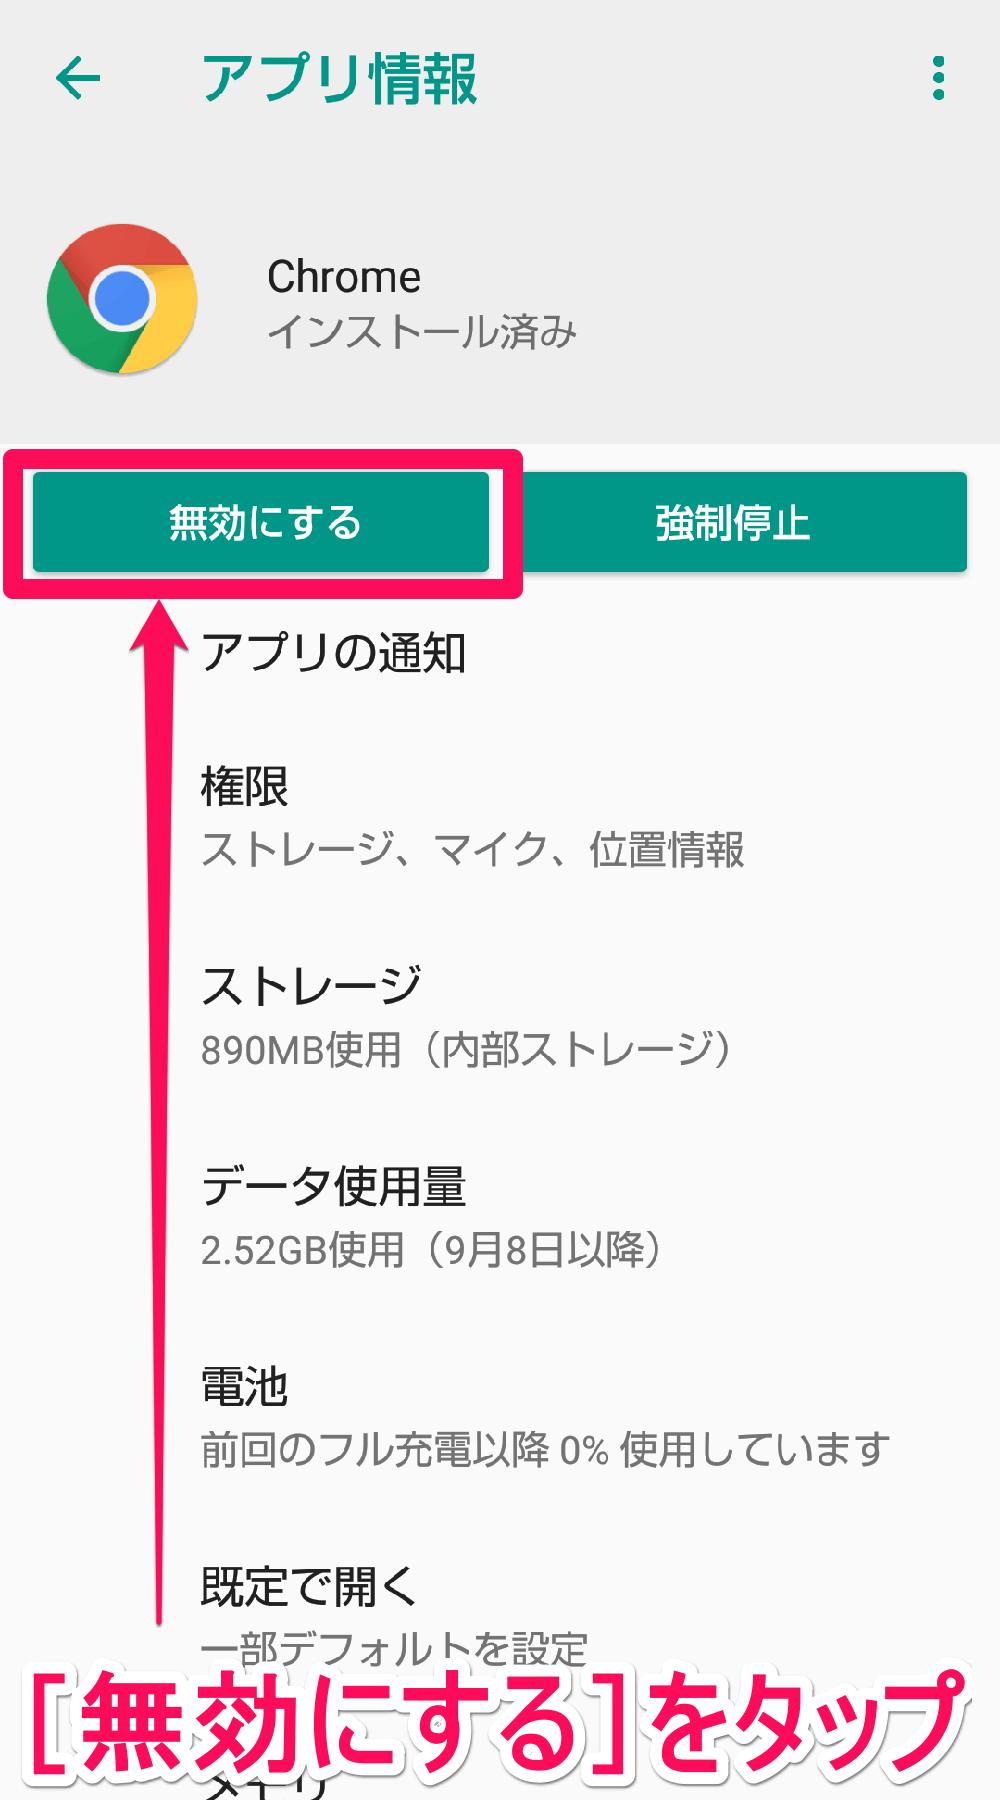 アンドロイド(Android)版「設定」アプリのChrome(クローム)の「アプリ情報」画面